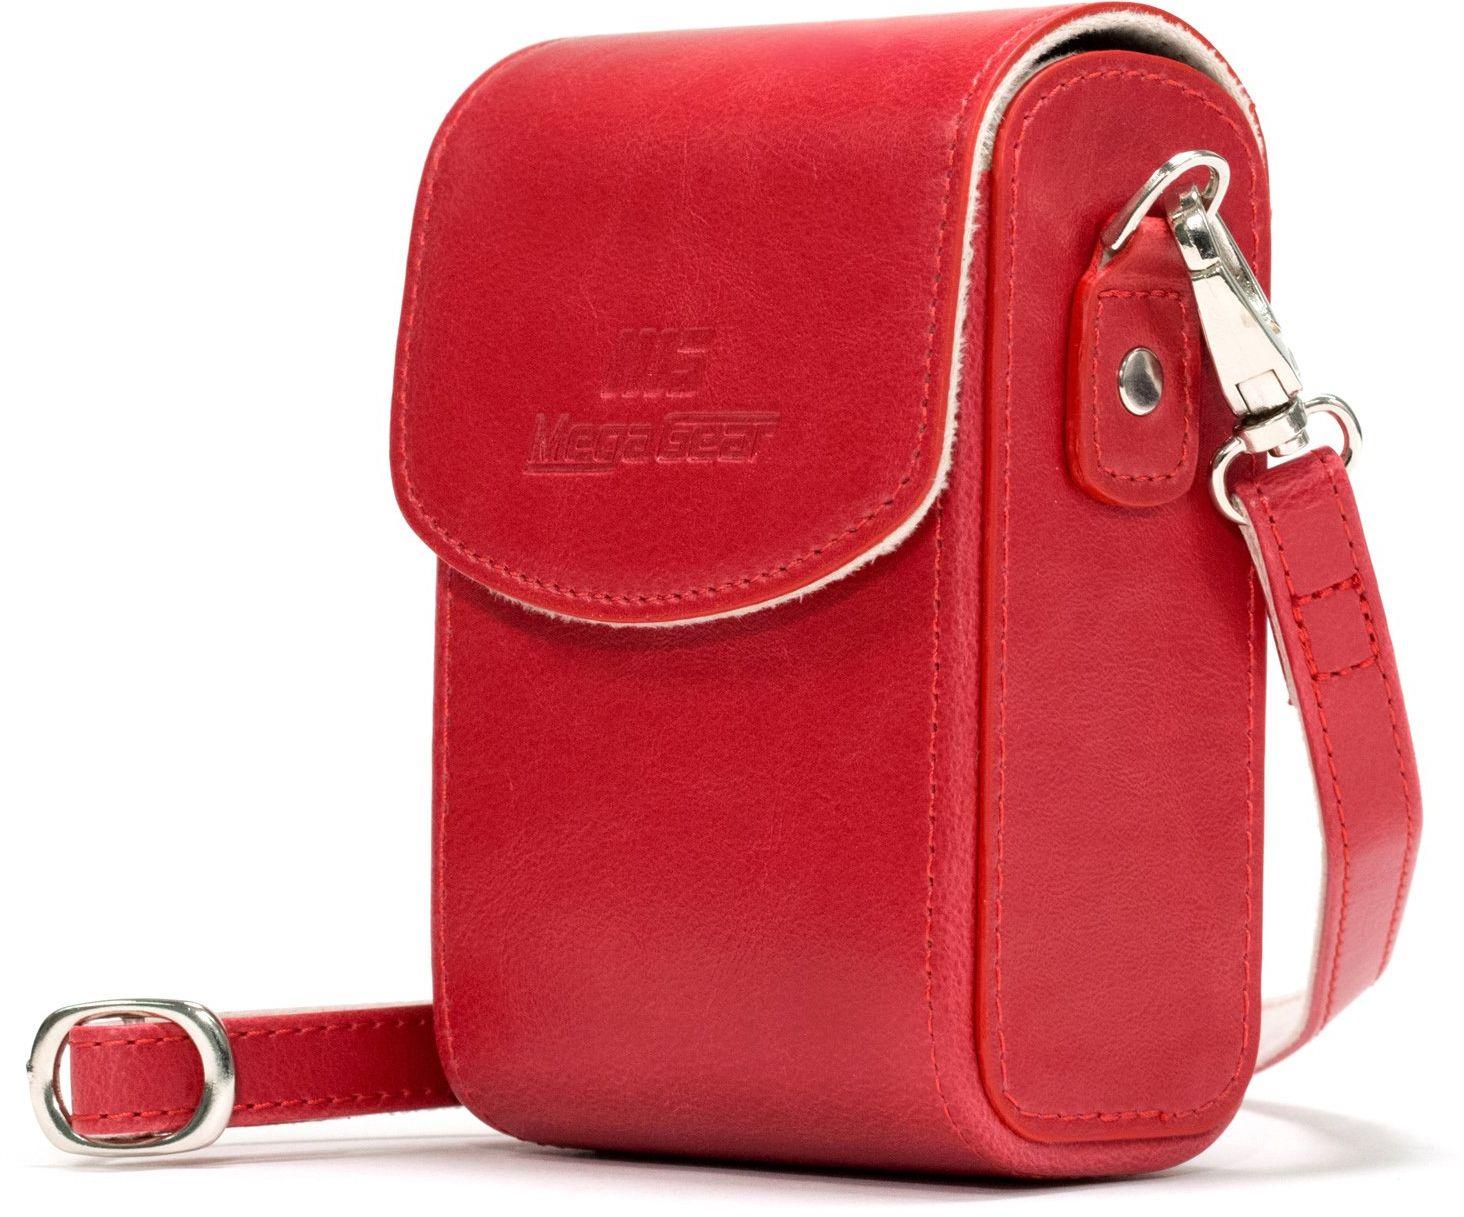 MegaGear MG1218 Nikon Coolpix A1000, A900 skórzana torba na aparat z paskiem do noszenia - czerwona